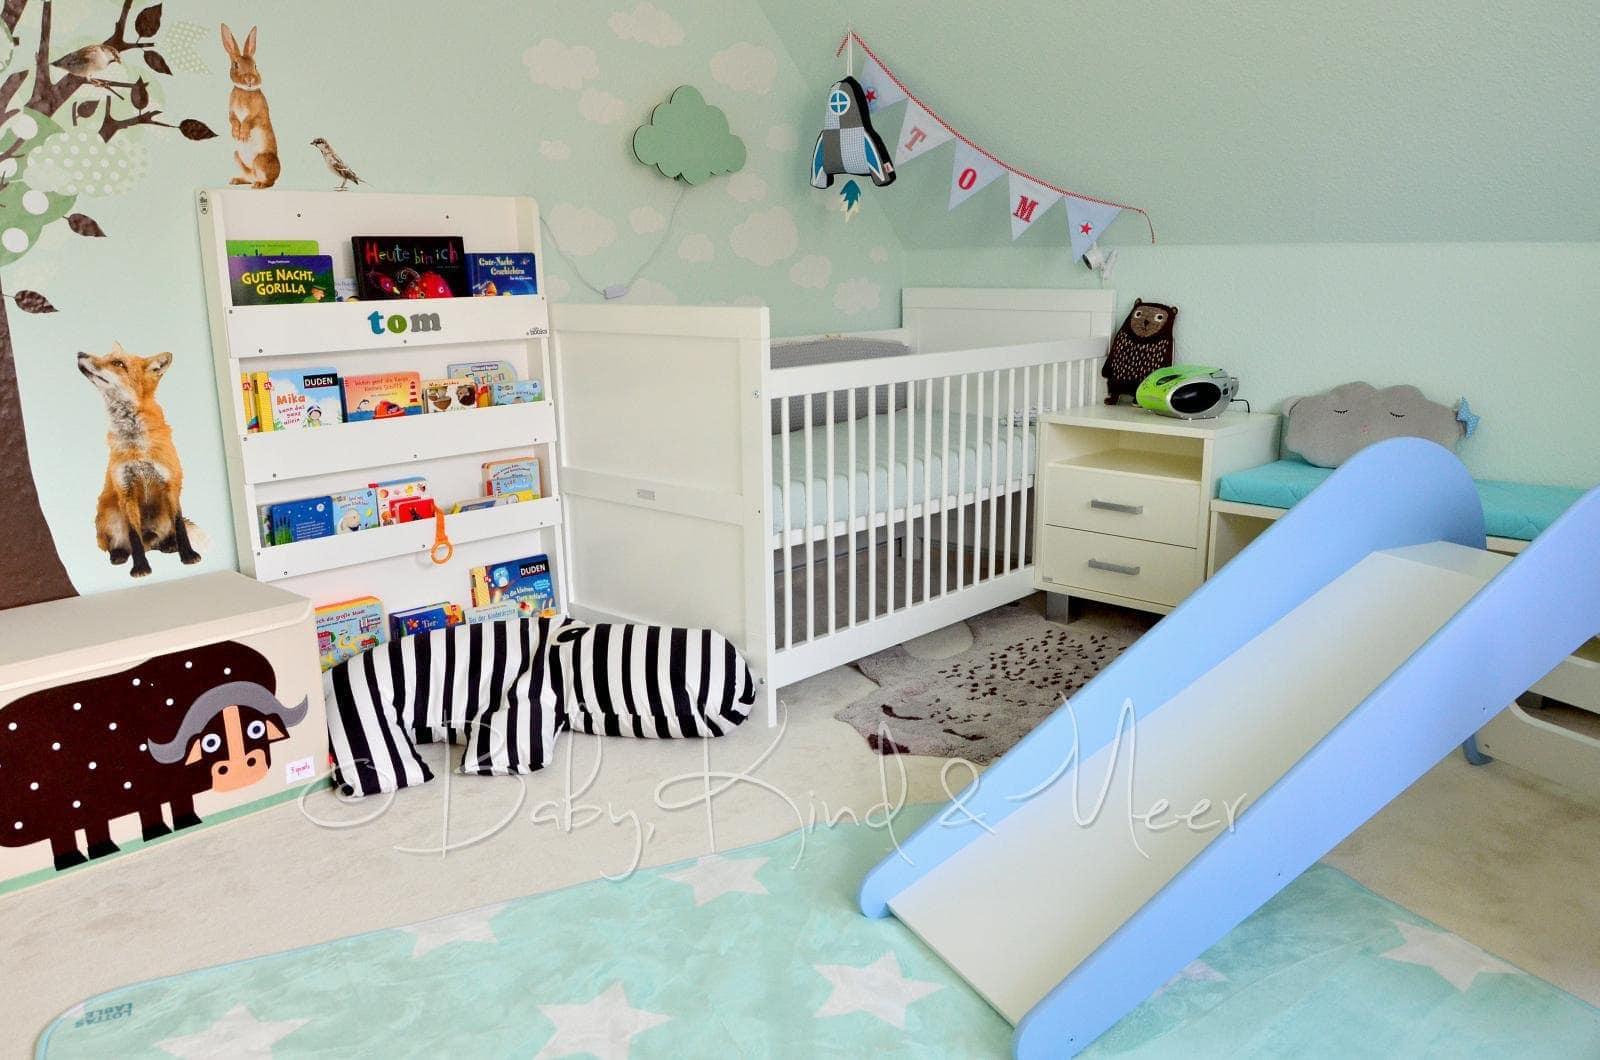 toms kinderzimmer roomtour family living interior baby kind und meer. Black Bedroom Furniture Sets. Home Design Ideas